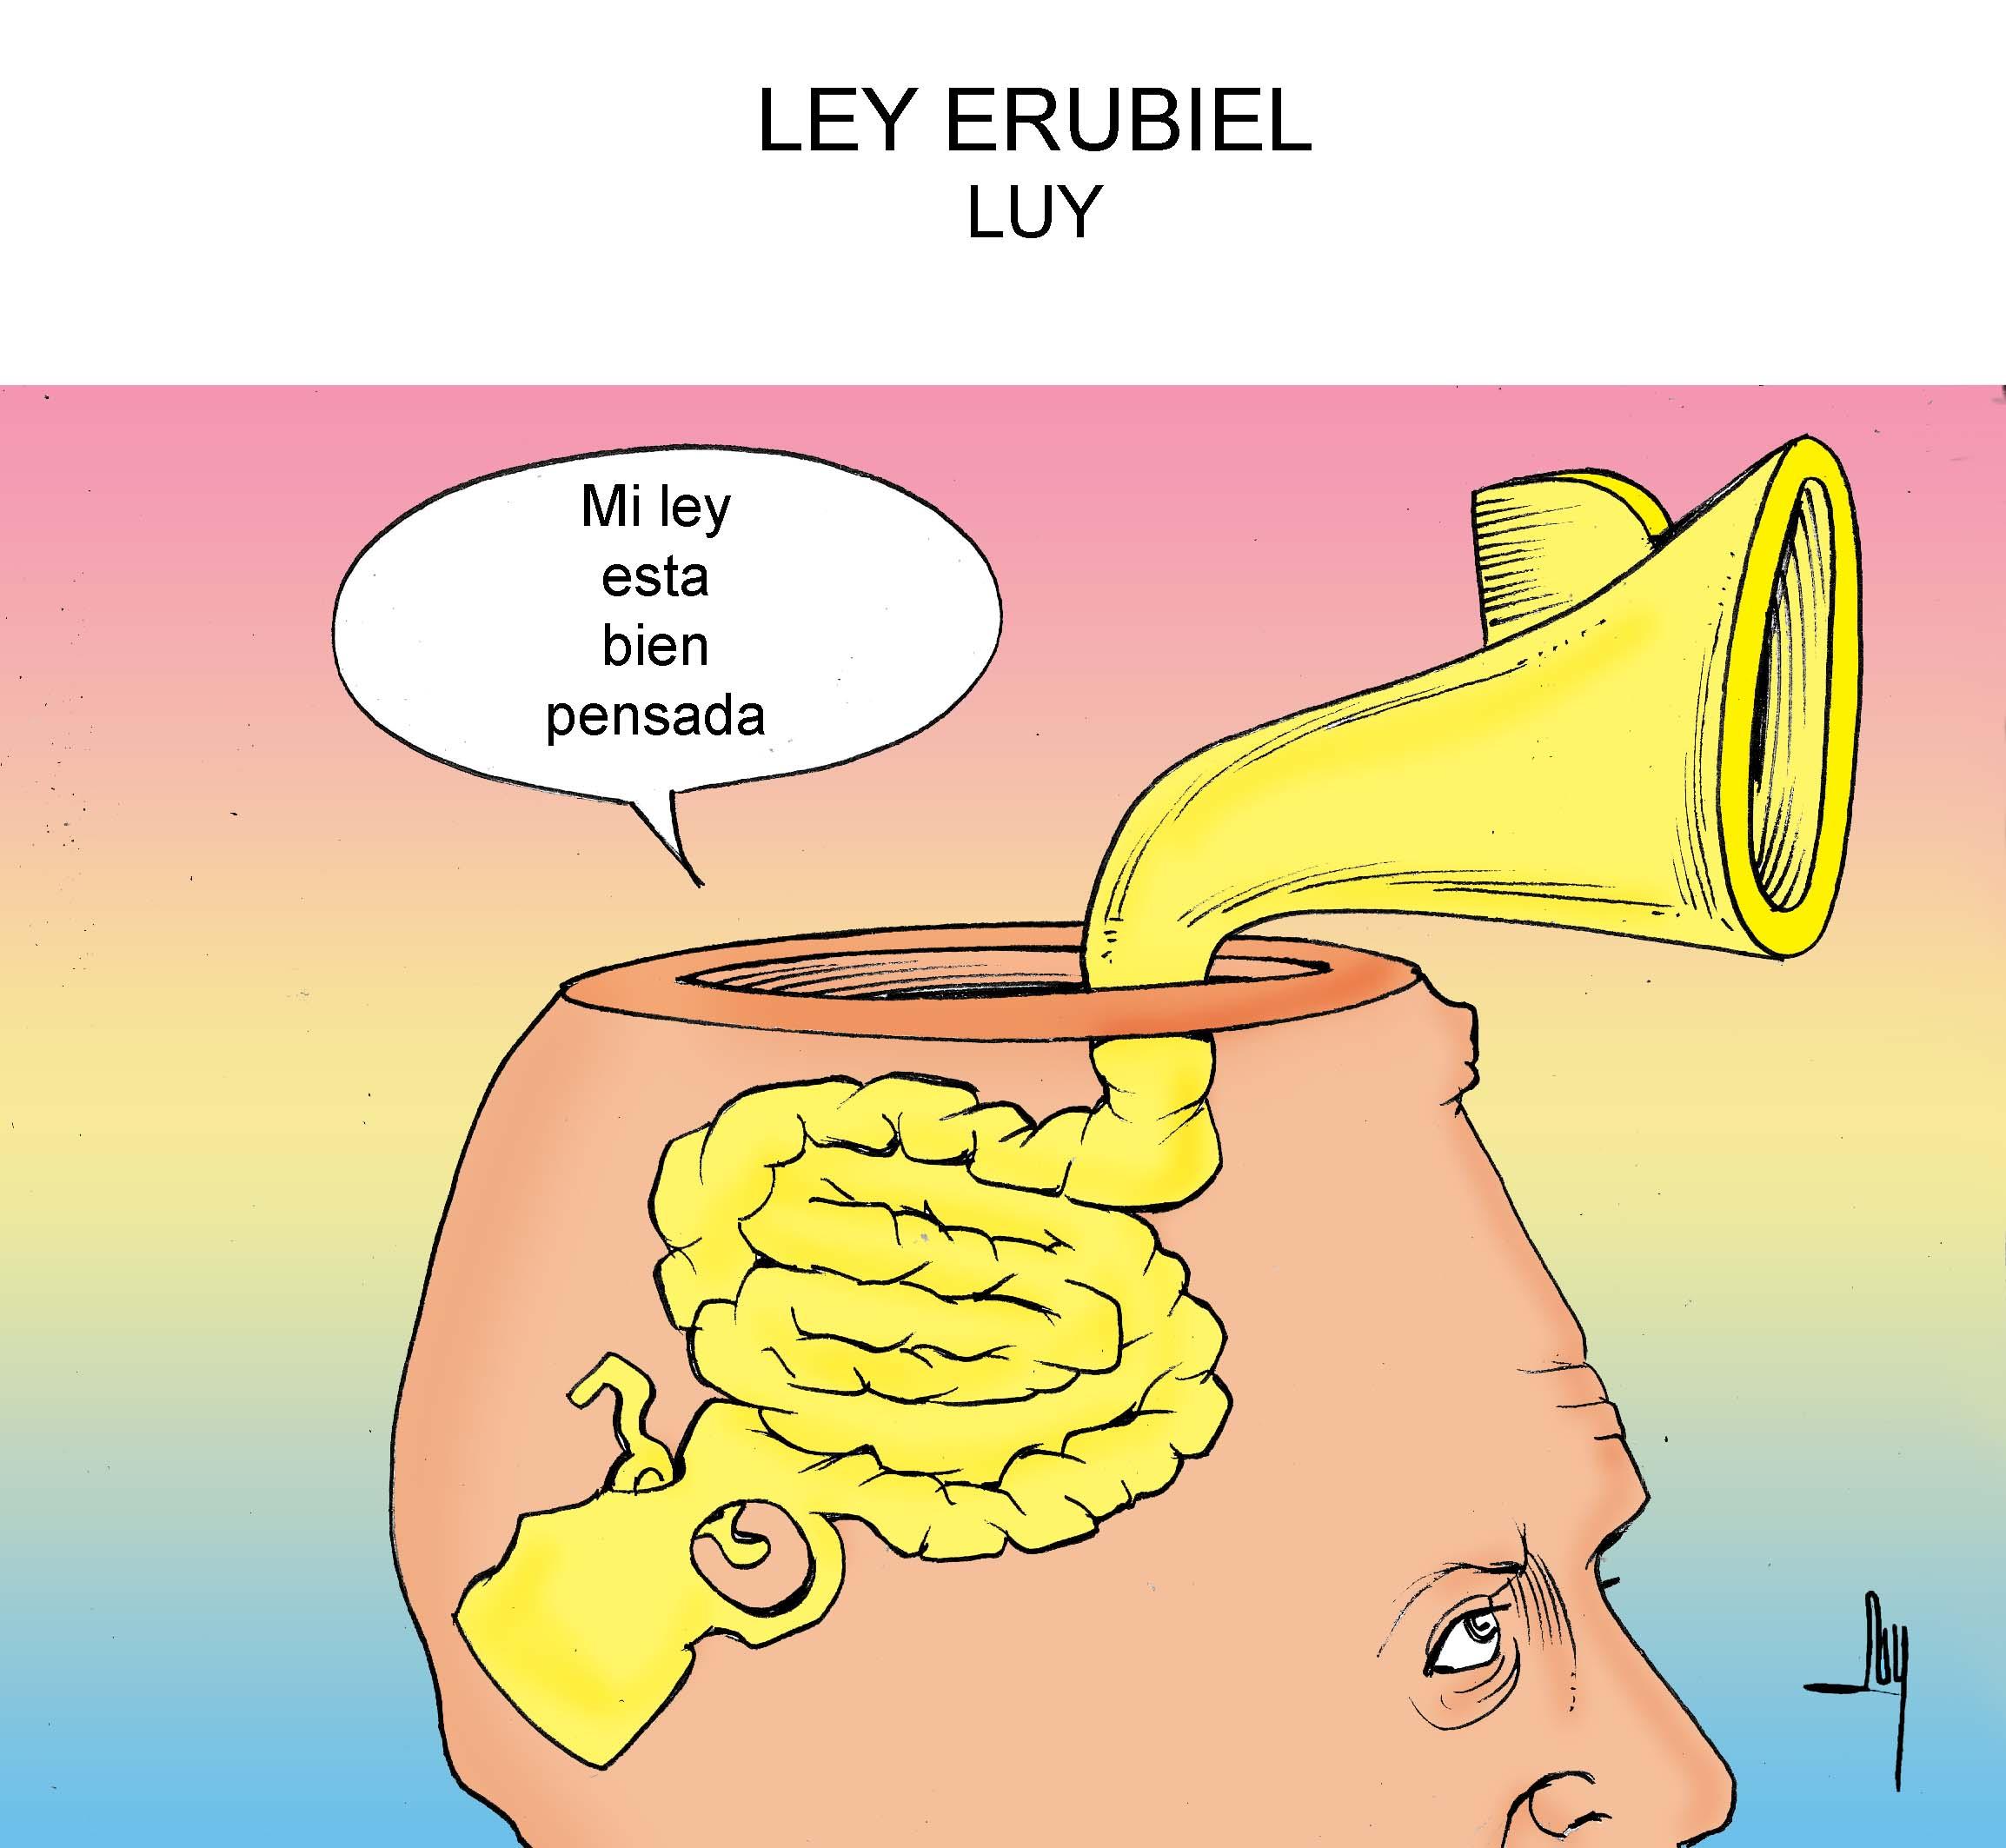 ley-erubiel